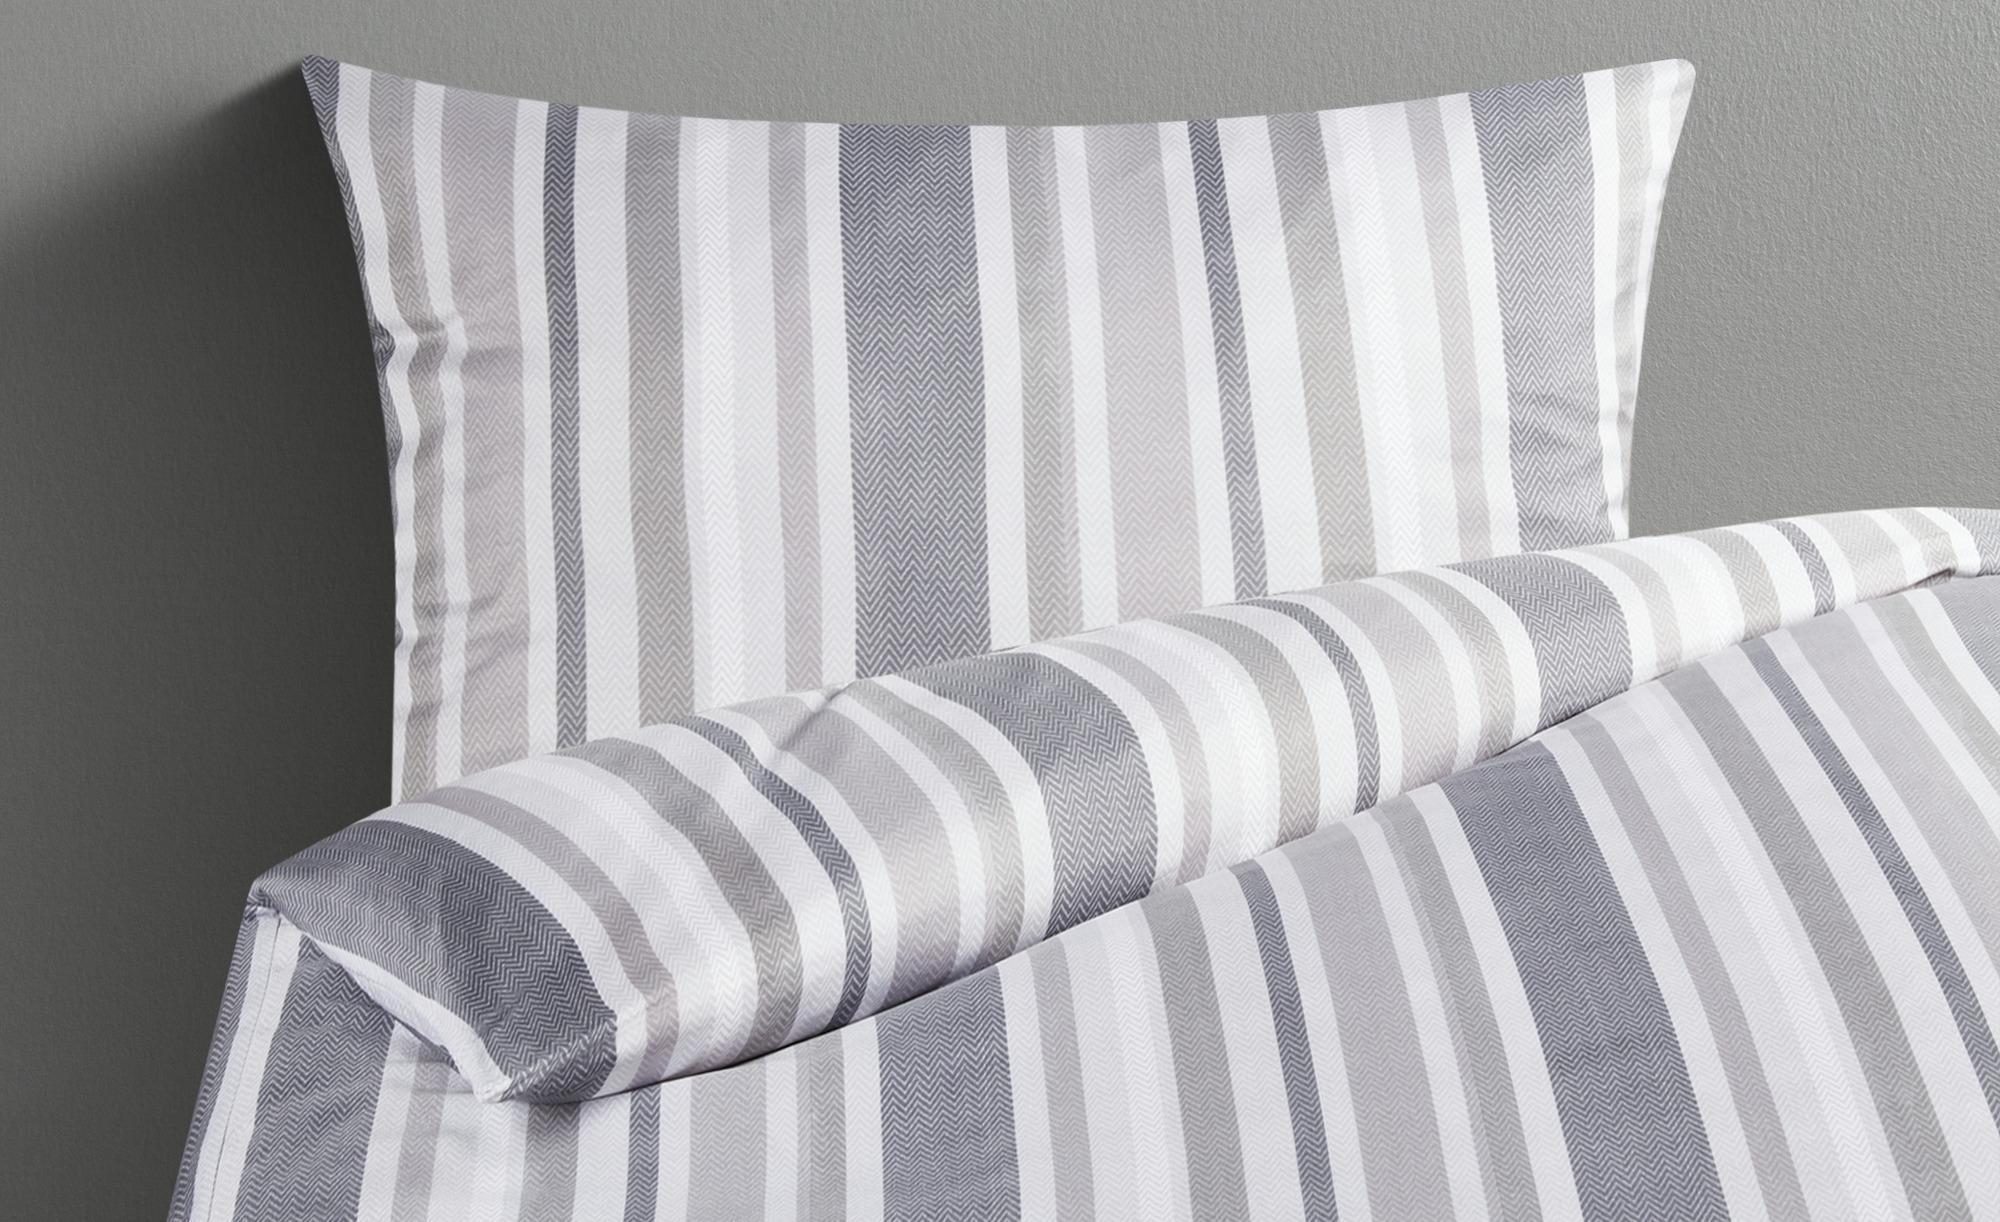 Kopfkissen Decke Fan Vierjahreszeiten Steppbett Baumwolle